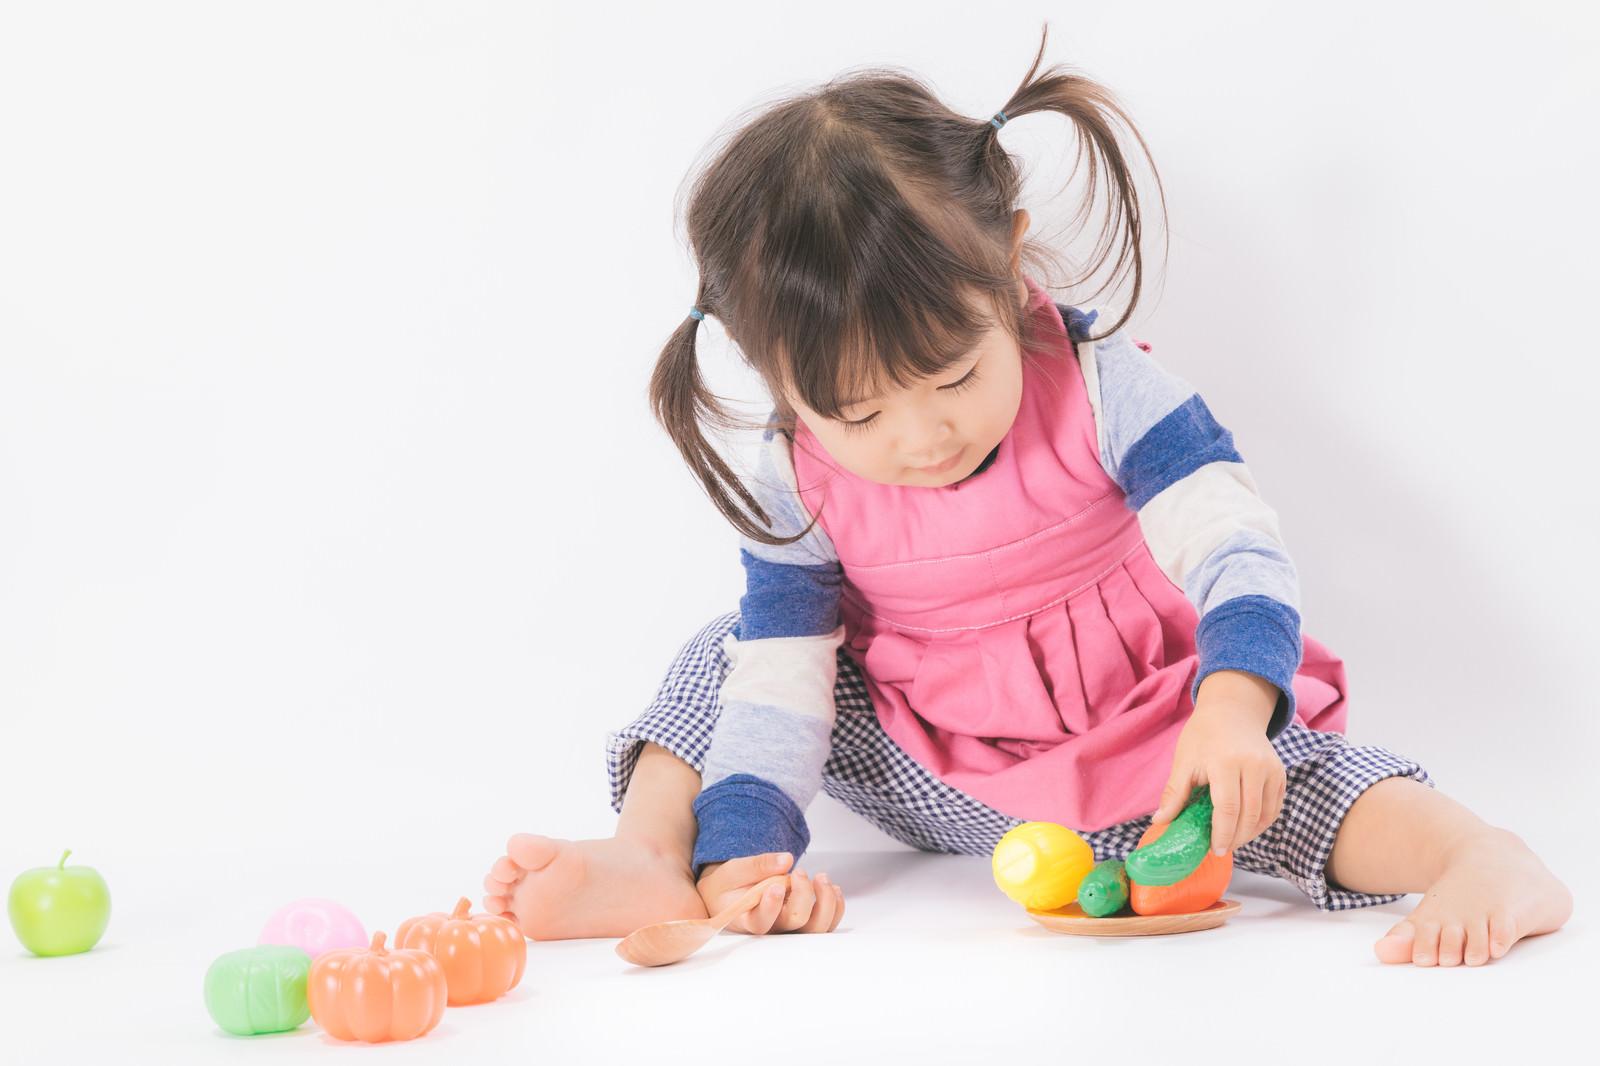 【イベント別】家でできる楽しいこと|カップル/子供/2人